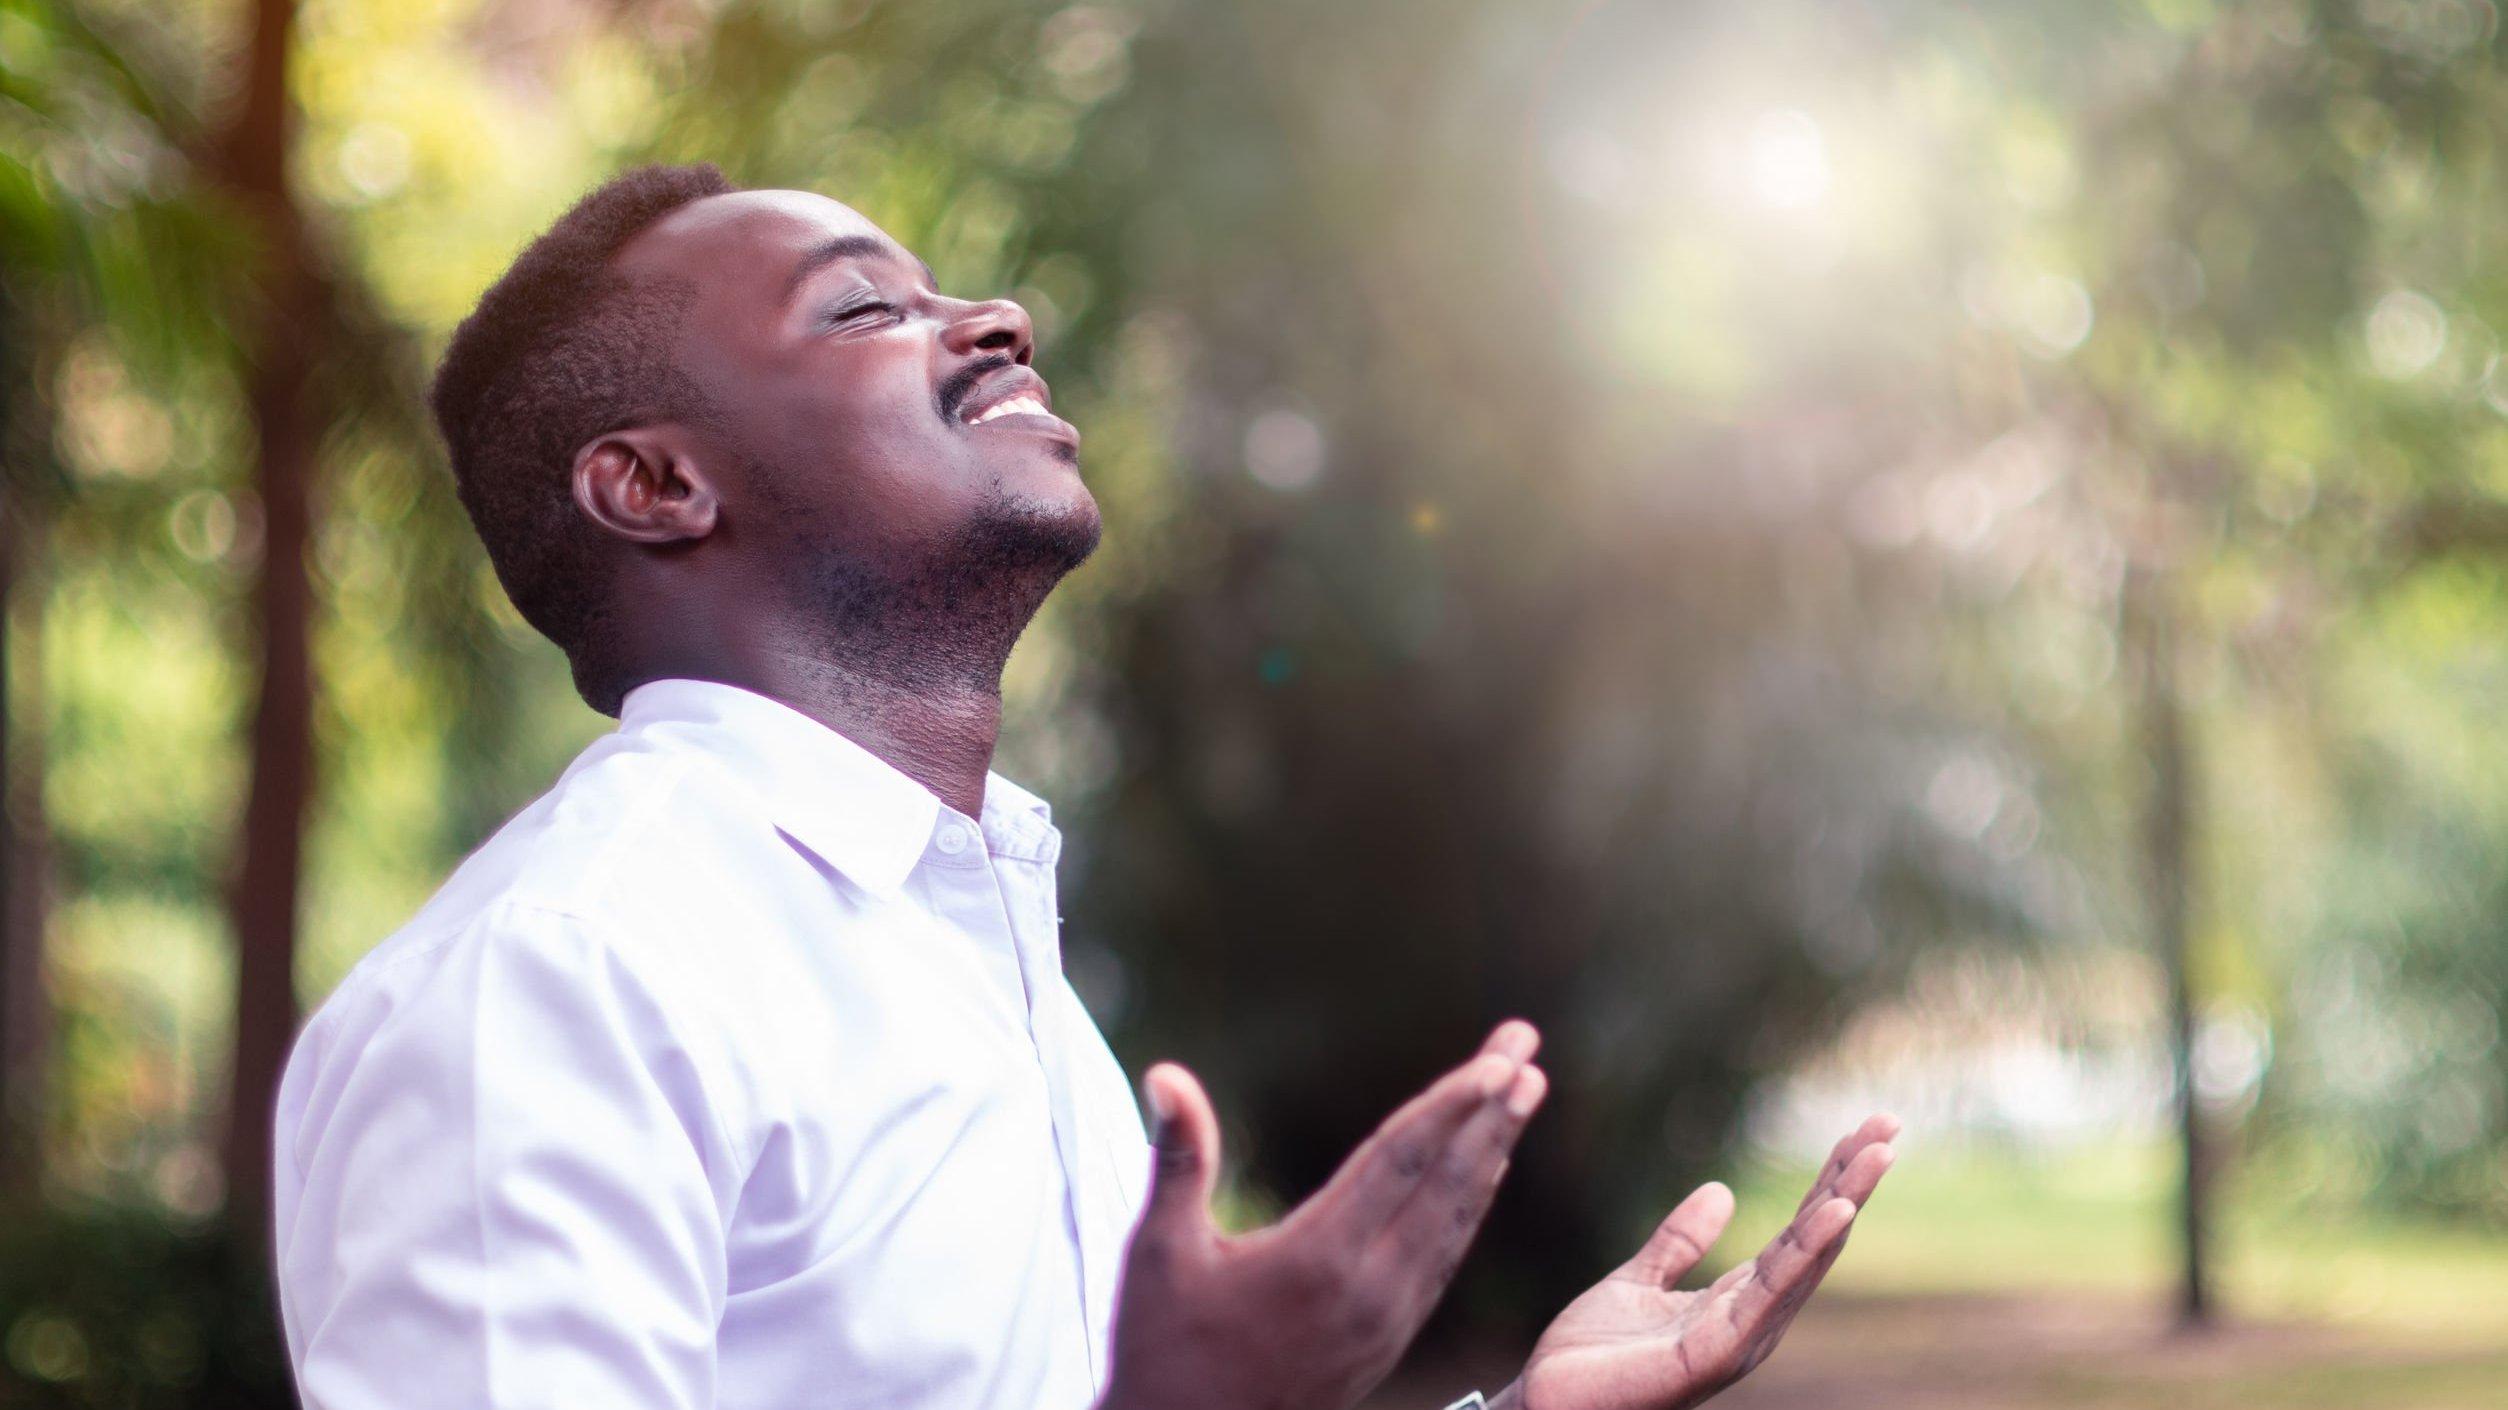 Homem negro, de olhos fechados, sorrindo, com as mãos estendidas